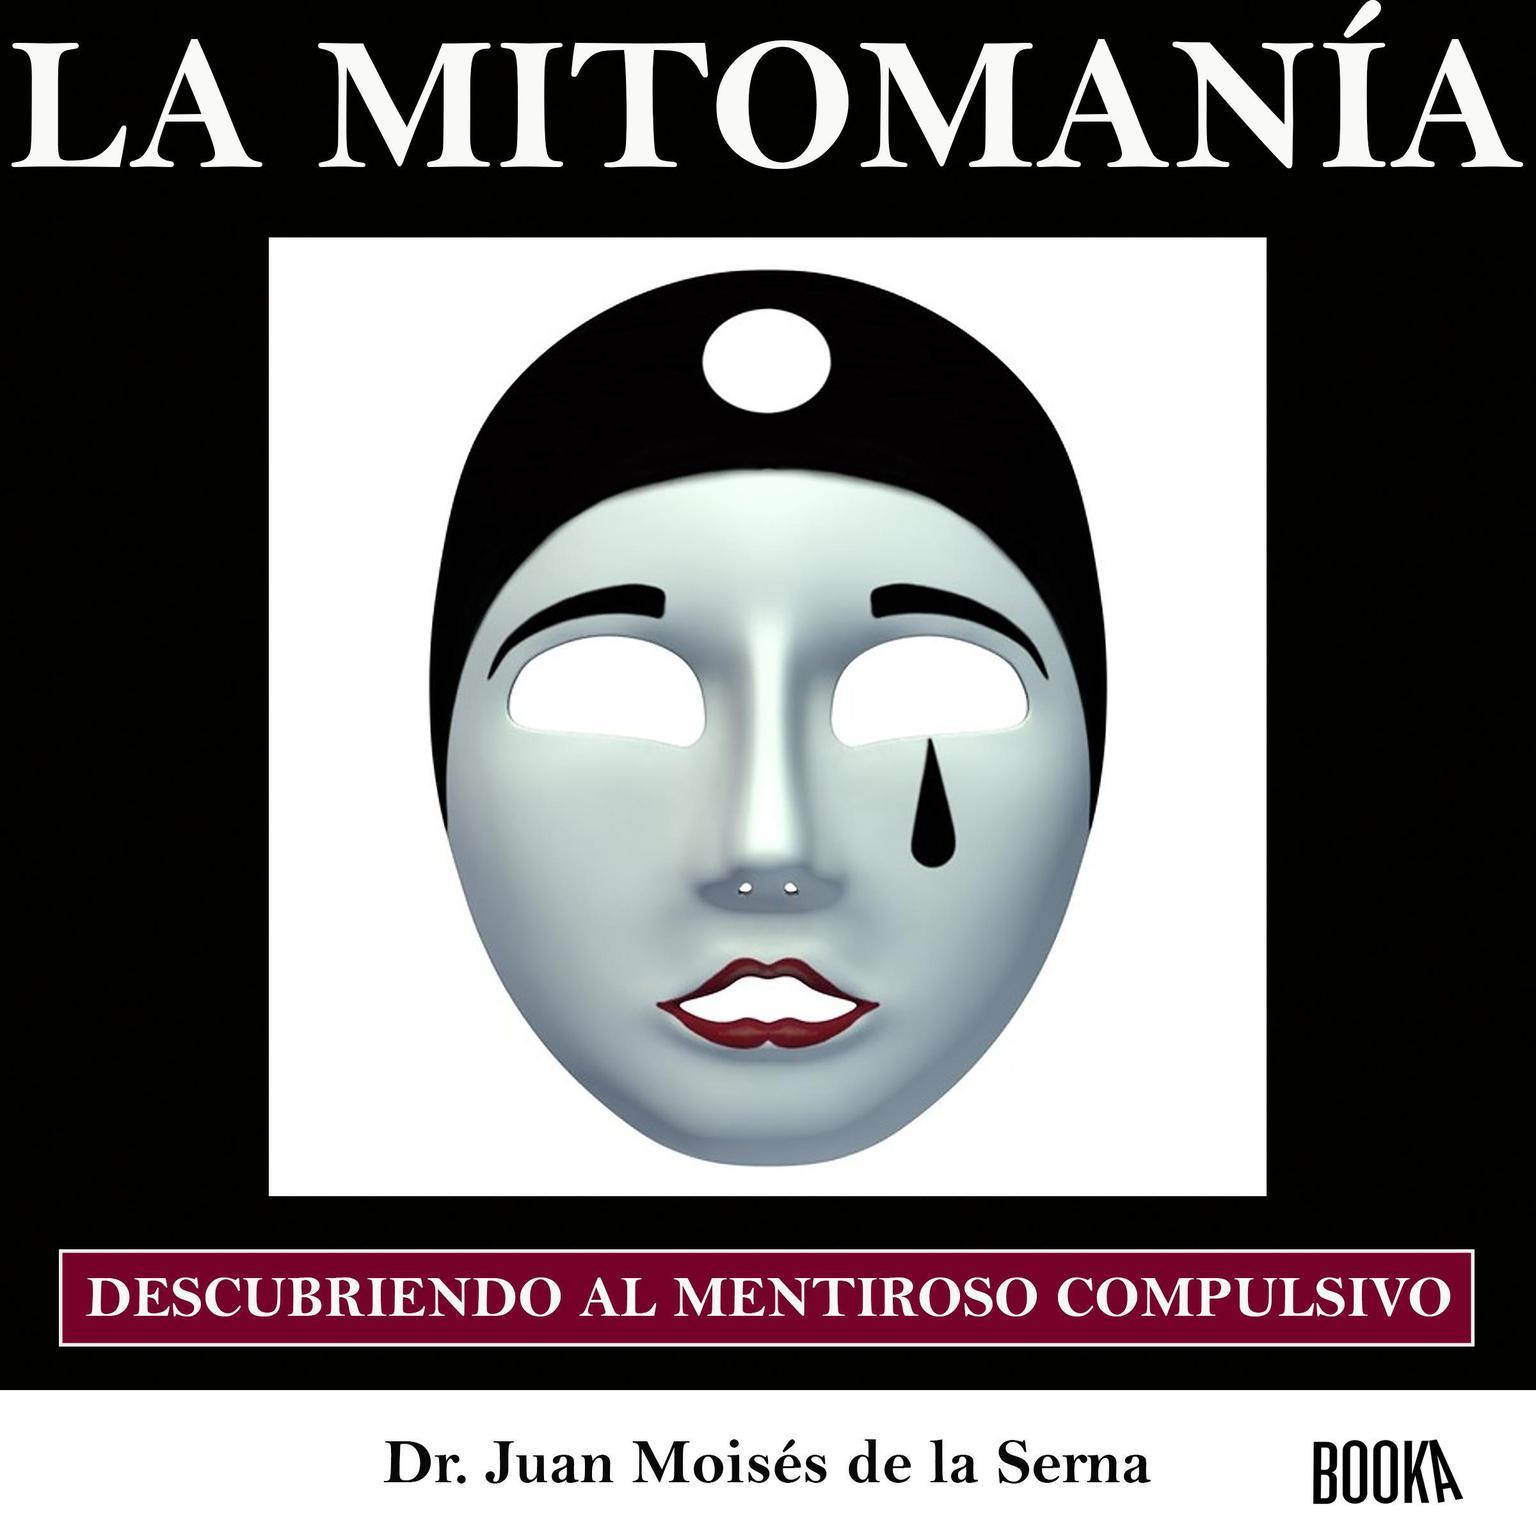 La Mitomania: Descubriendo al Mentiroso Compulsivo Audiobook, by Juan Moisés De La Serna